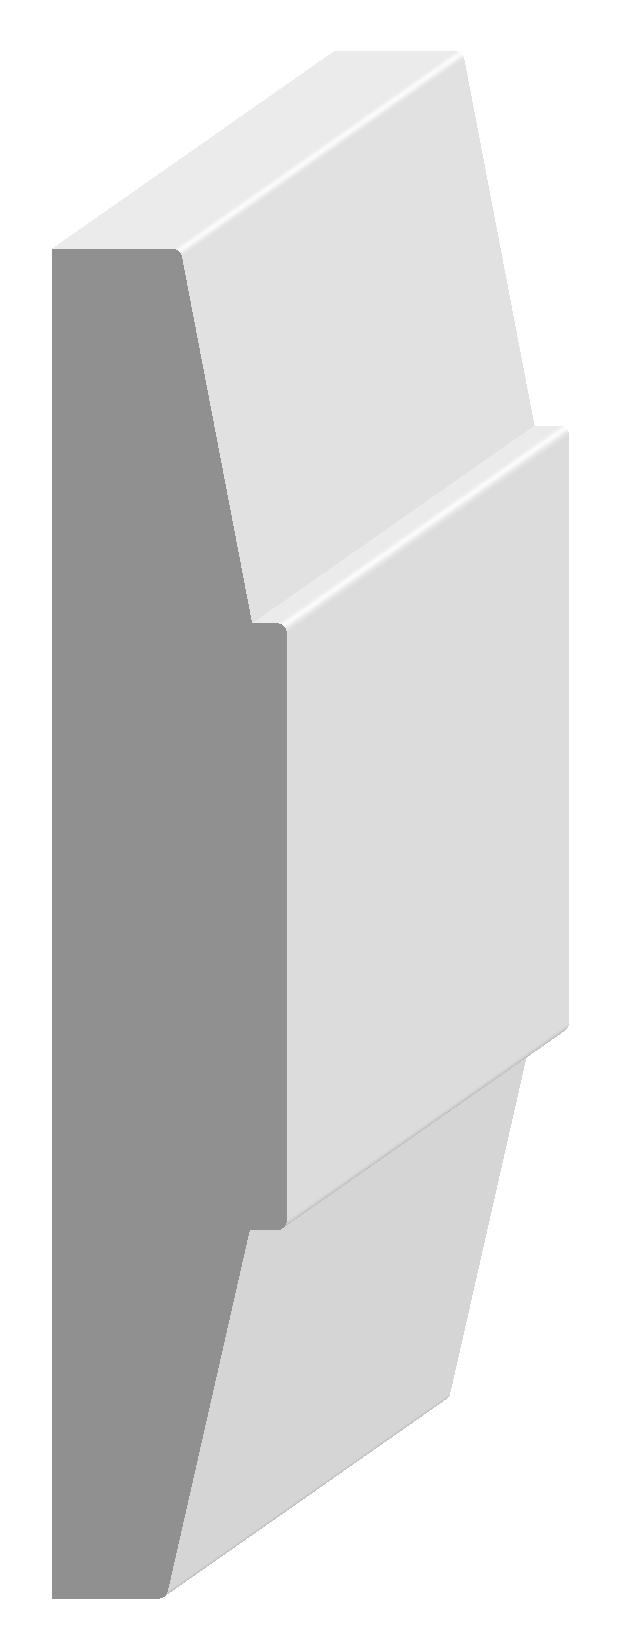 Z1175 CHAIR RAIL